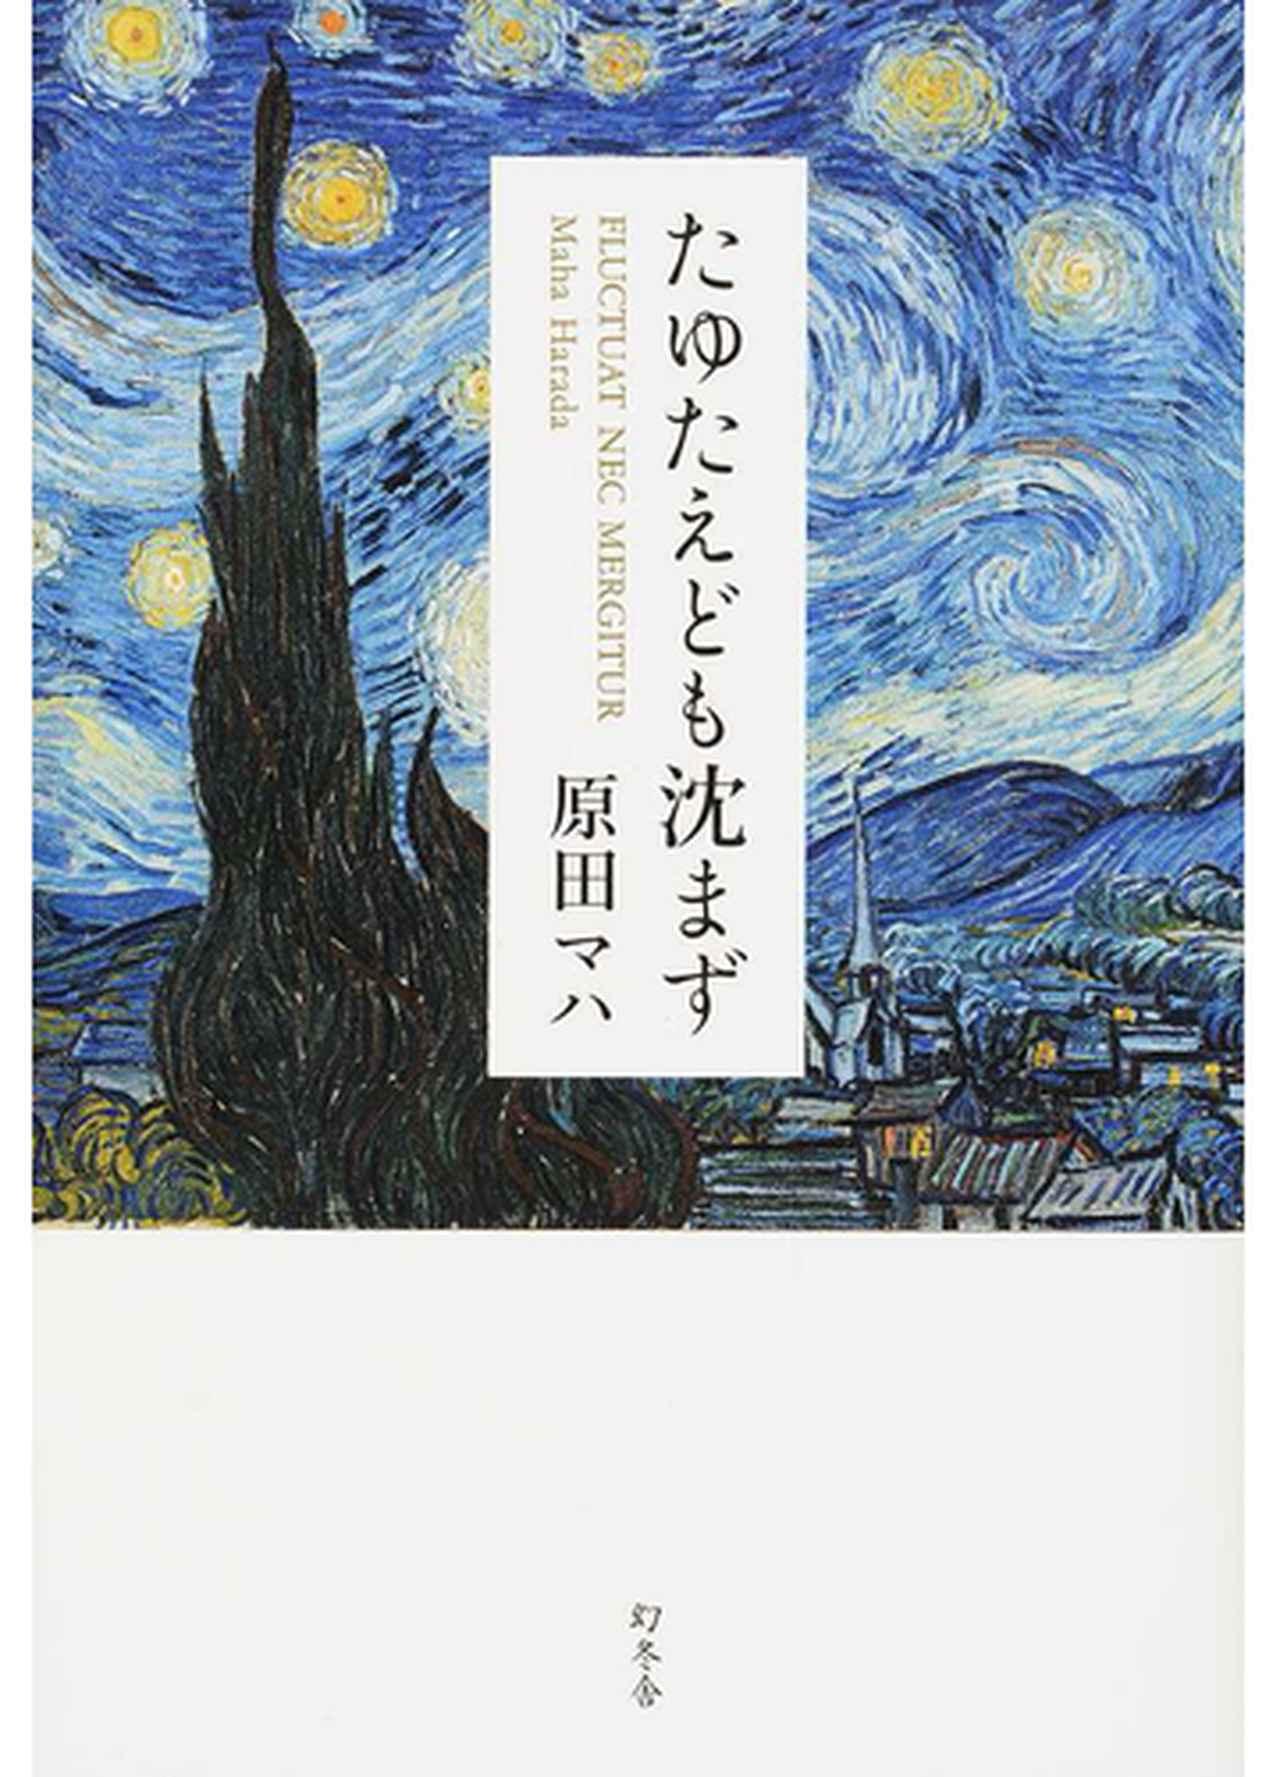 画像: 『たゆたえども沈まず』(幻冬舎) www.gentosha.co.jp